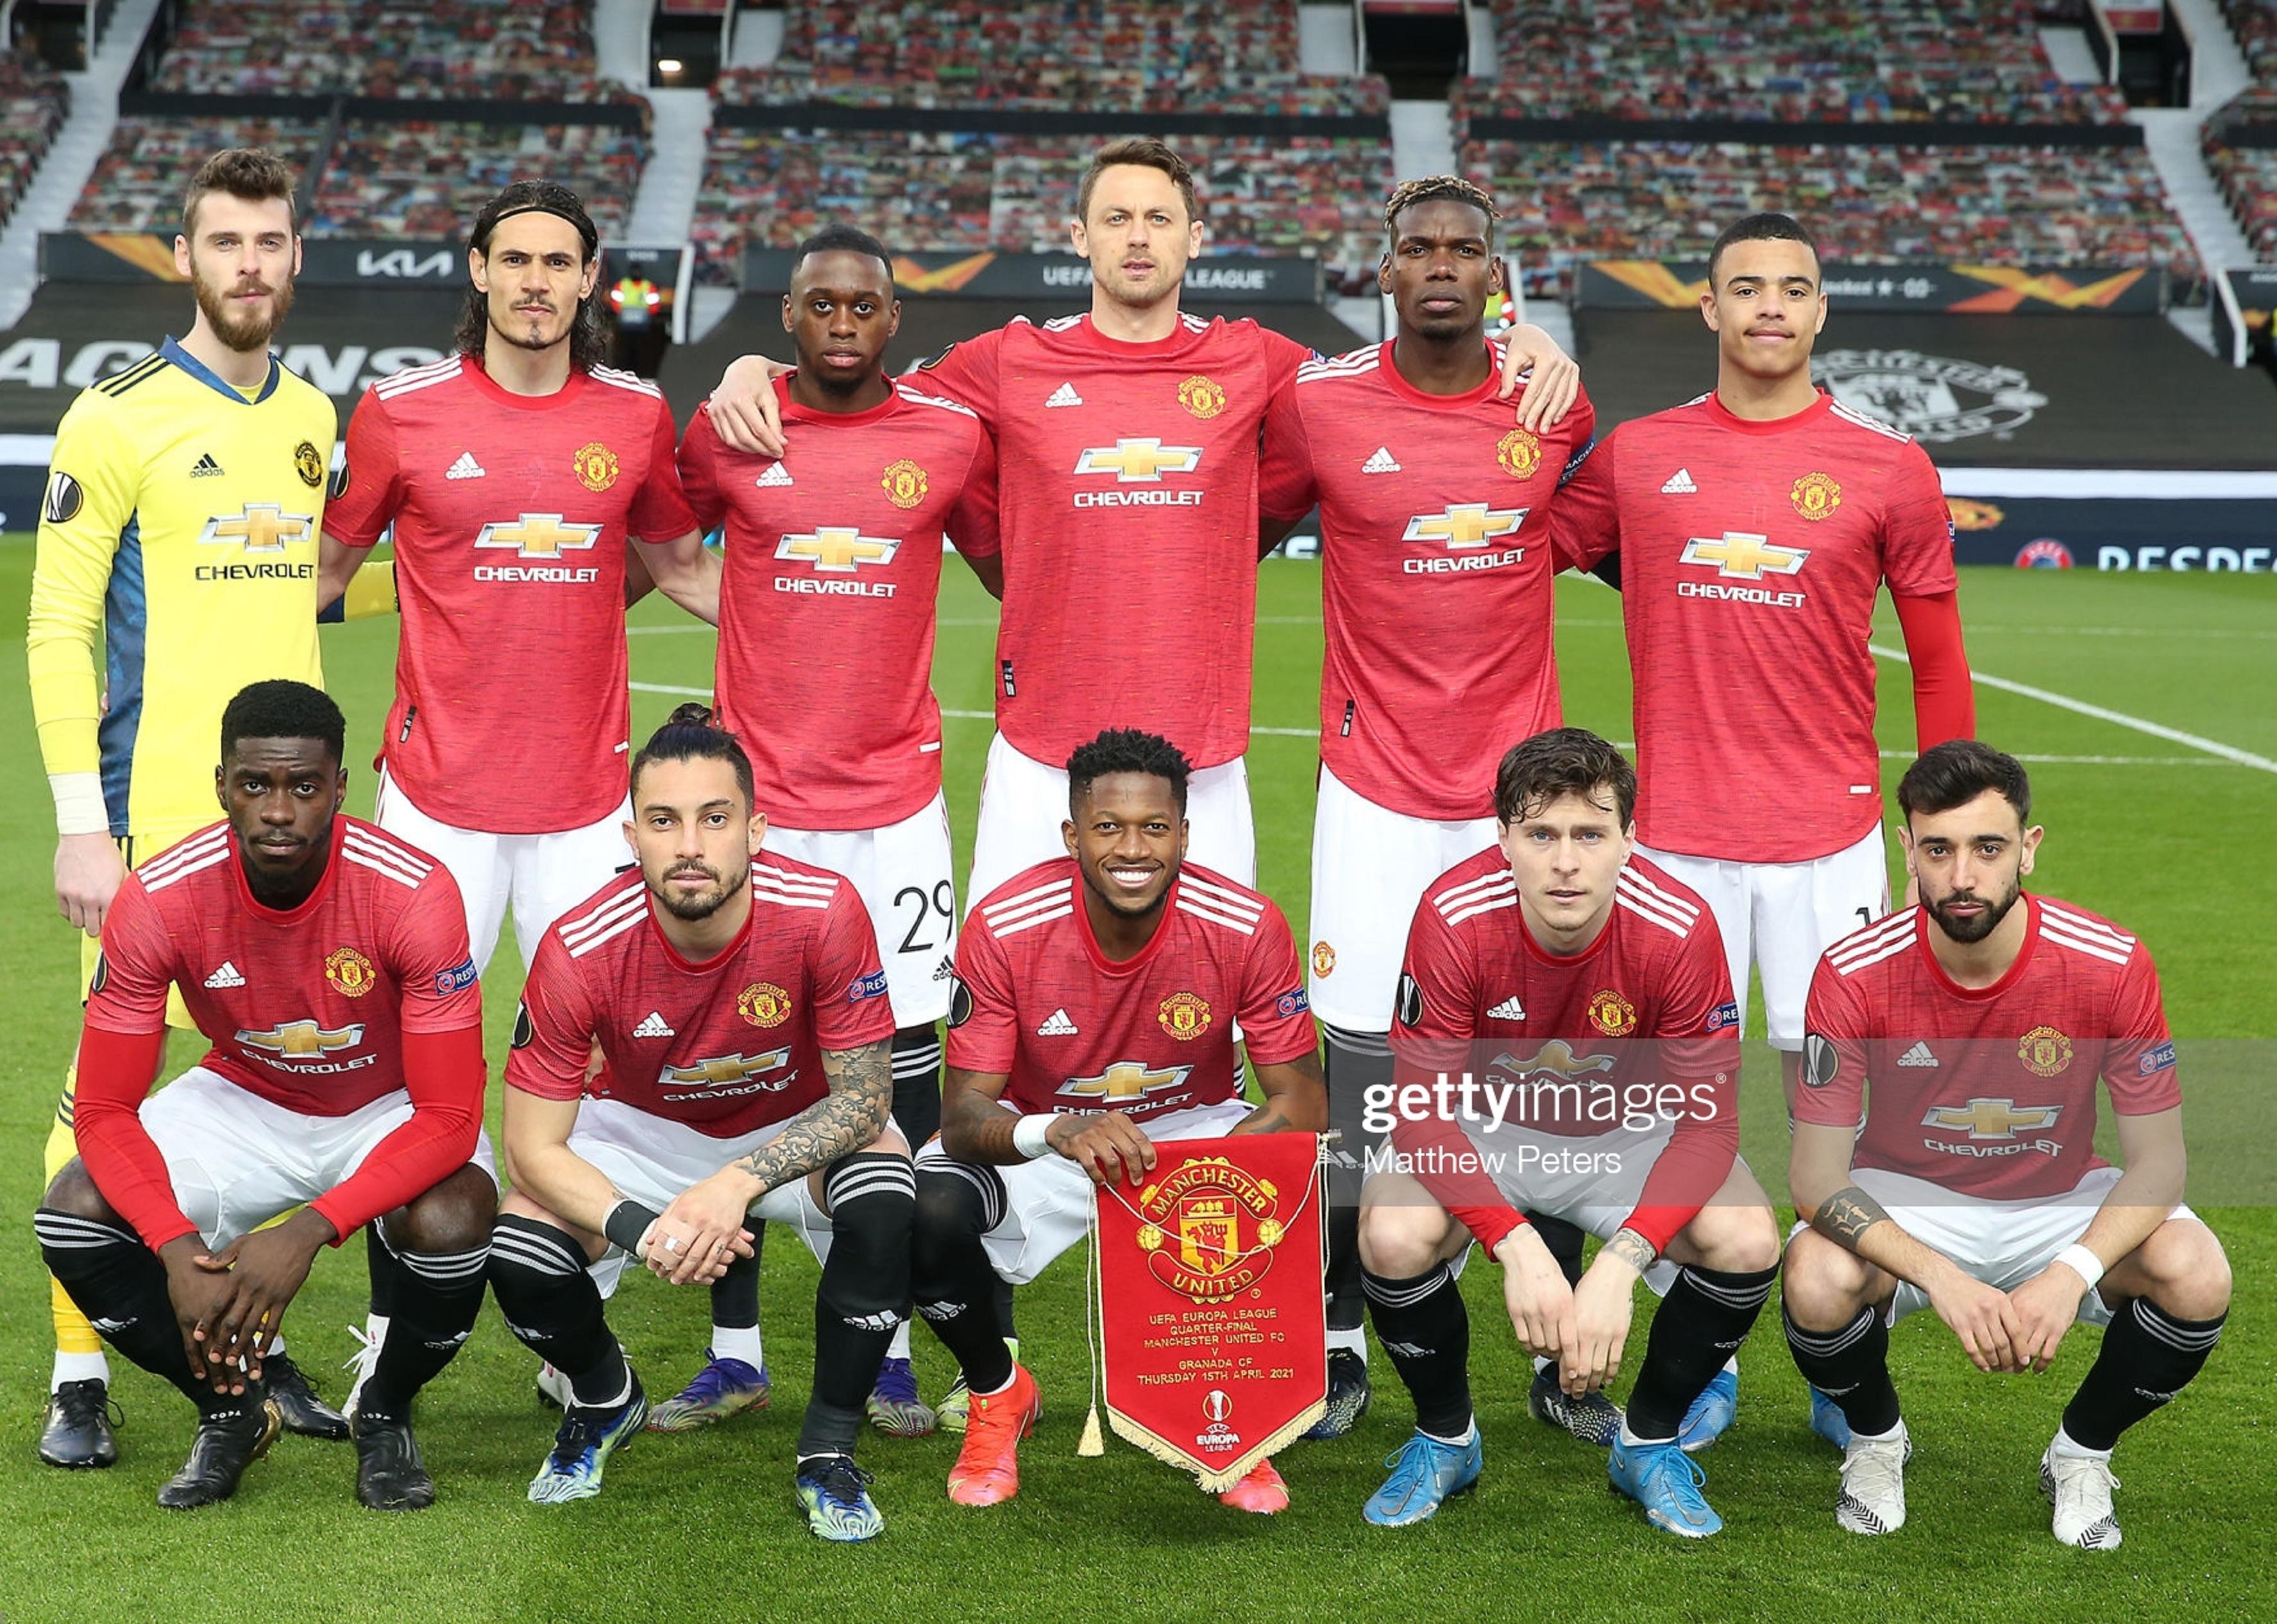 Манчестер Юнайтед (Англия) - Гранада (Испания) 2:0